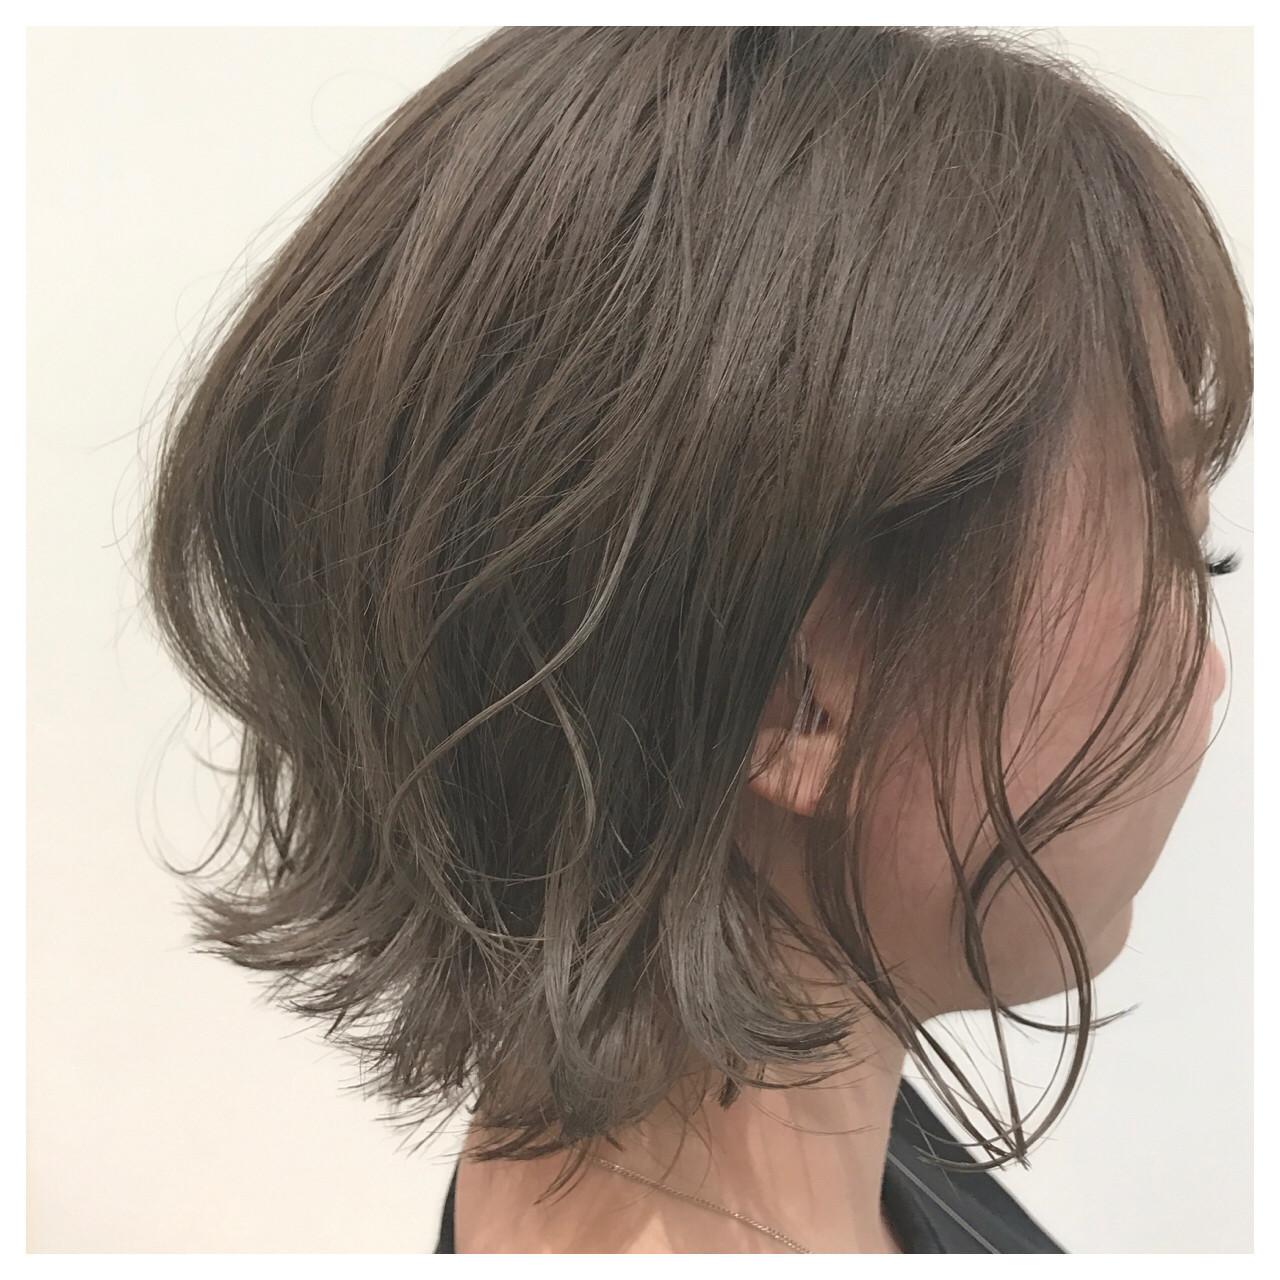 グレー ルーズ ボブ モテ髪 ヘアスタイルや髪型の写真・画像